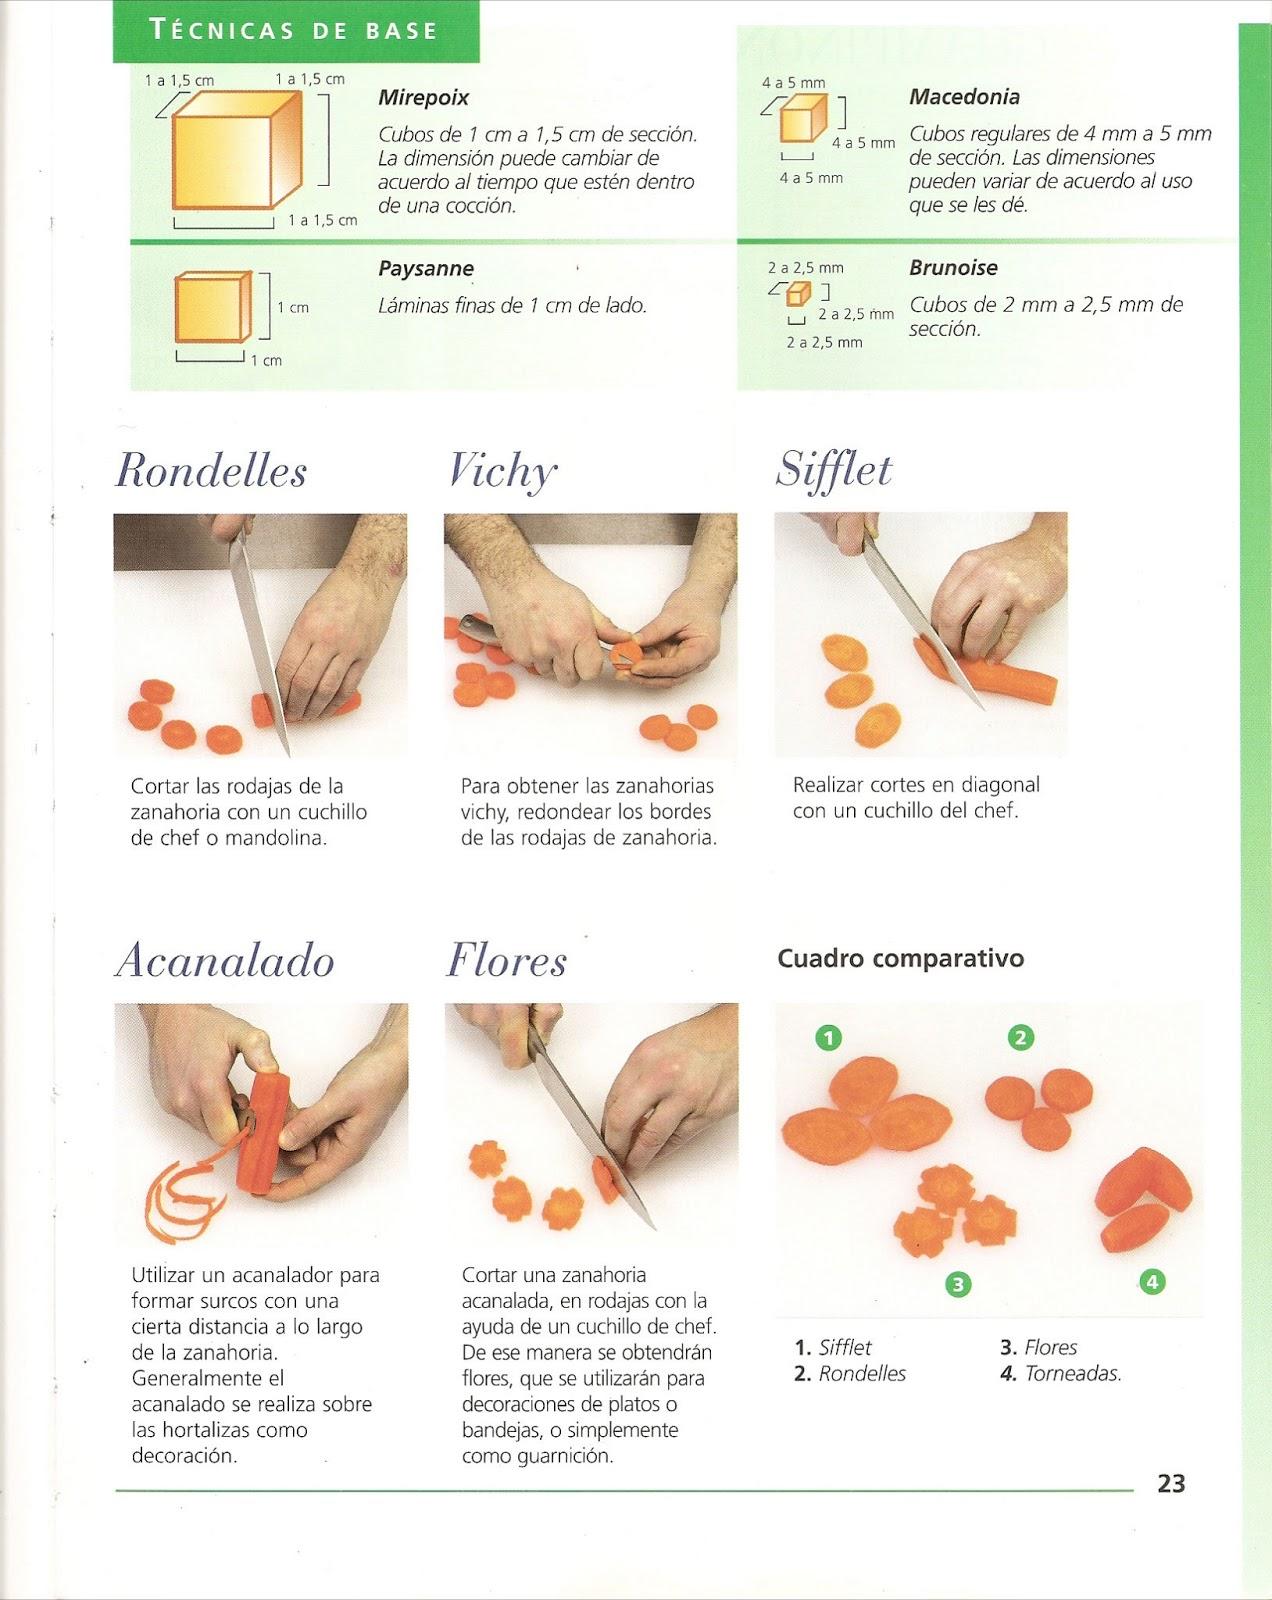 Cocina nacional cortes en frutas y verduras for Cortes de verduras gastronomia pdf